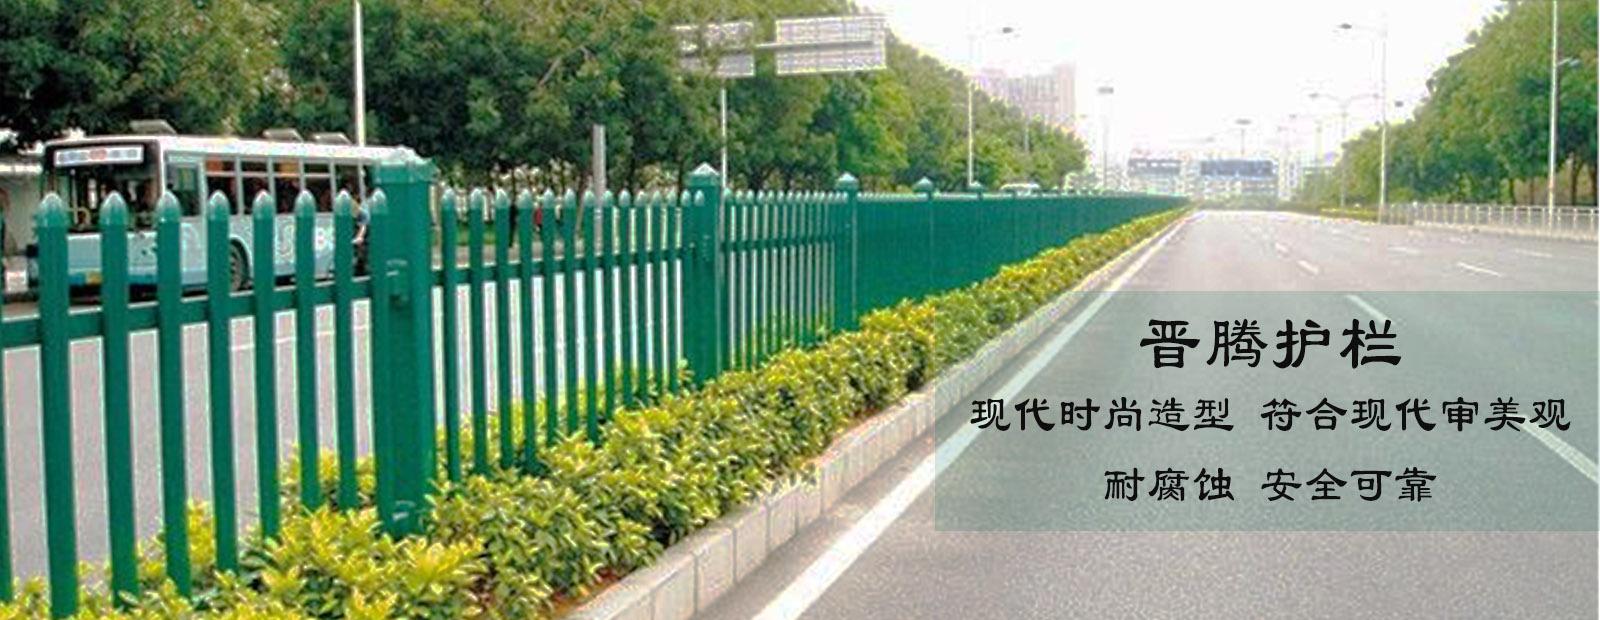 甘肃晋腾铁艺锌钢护栏工程有限公司